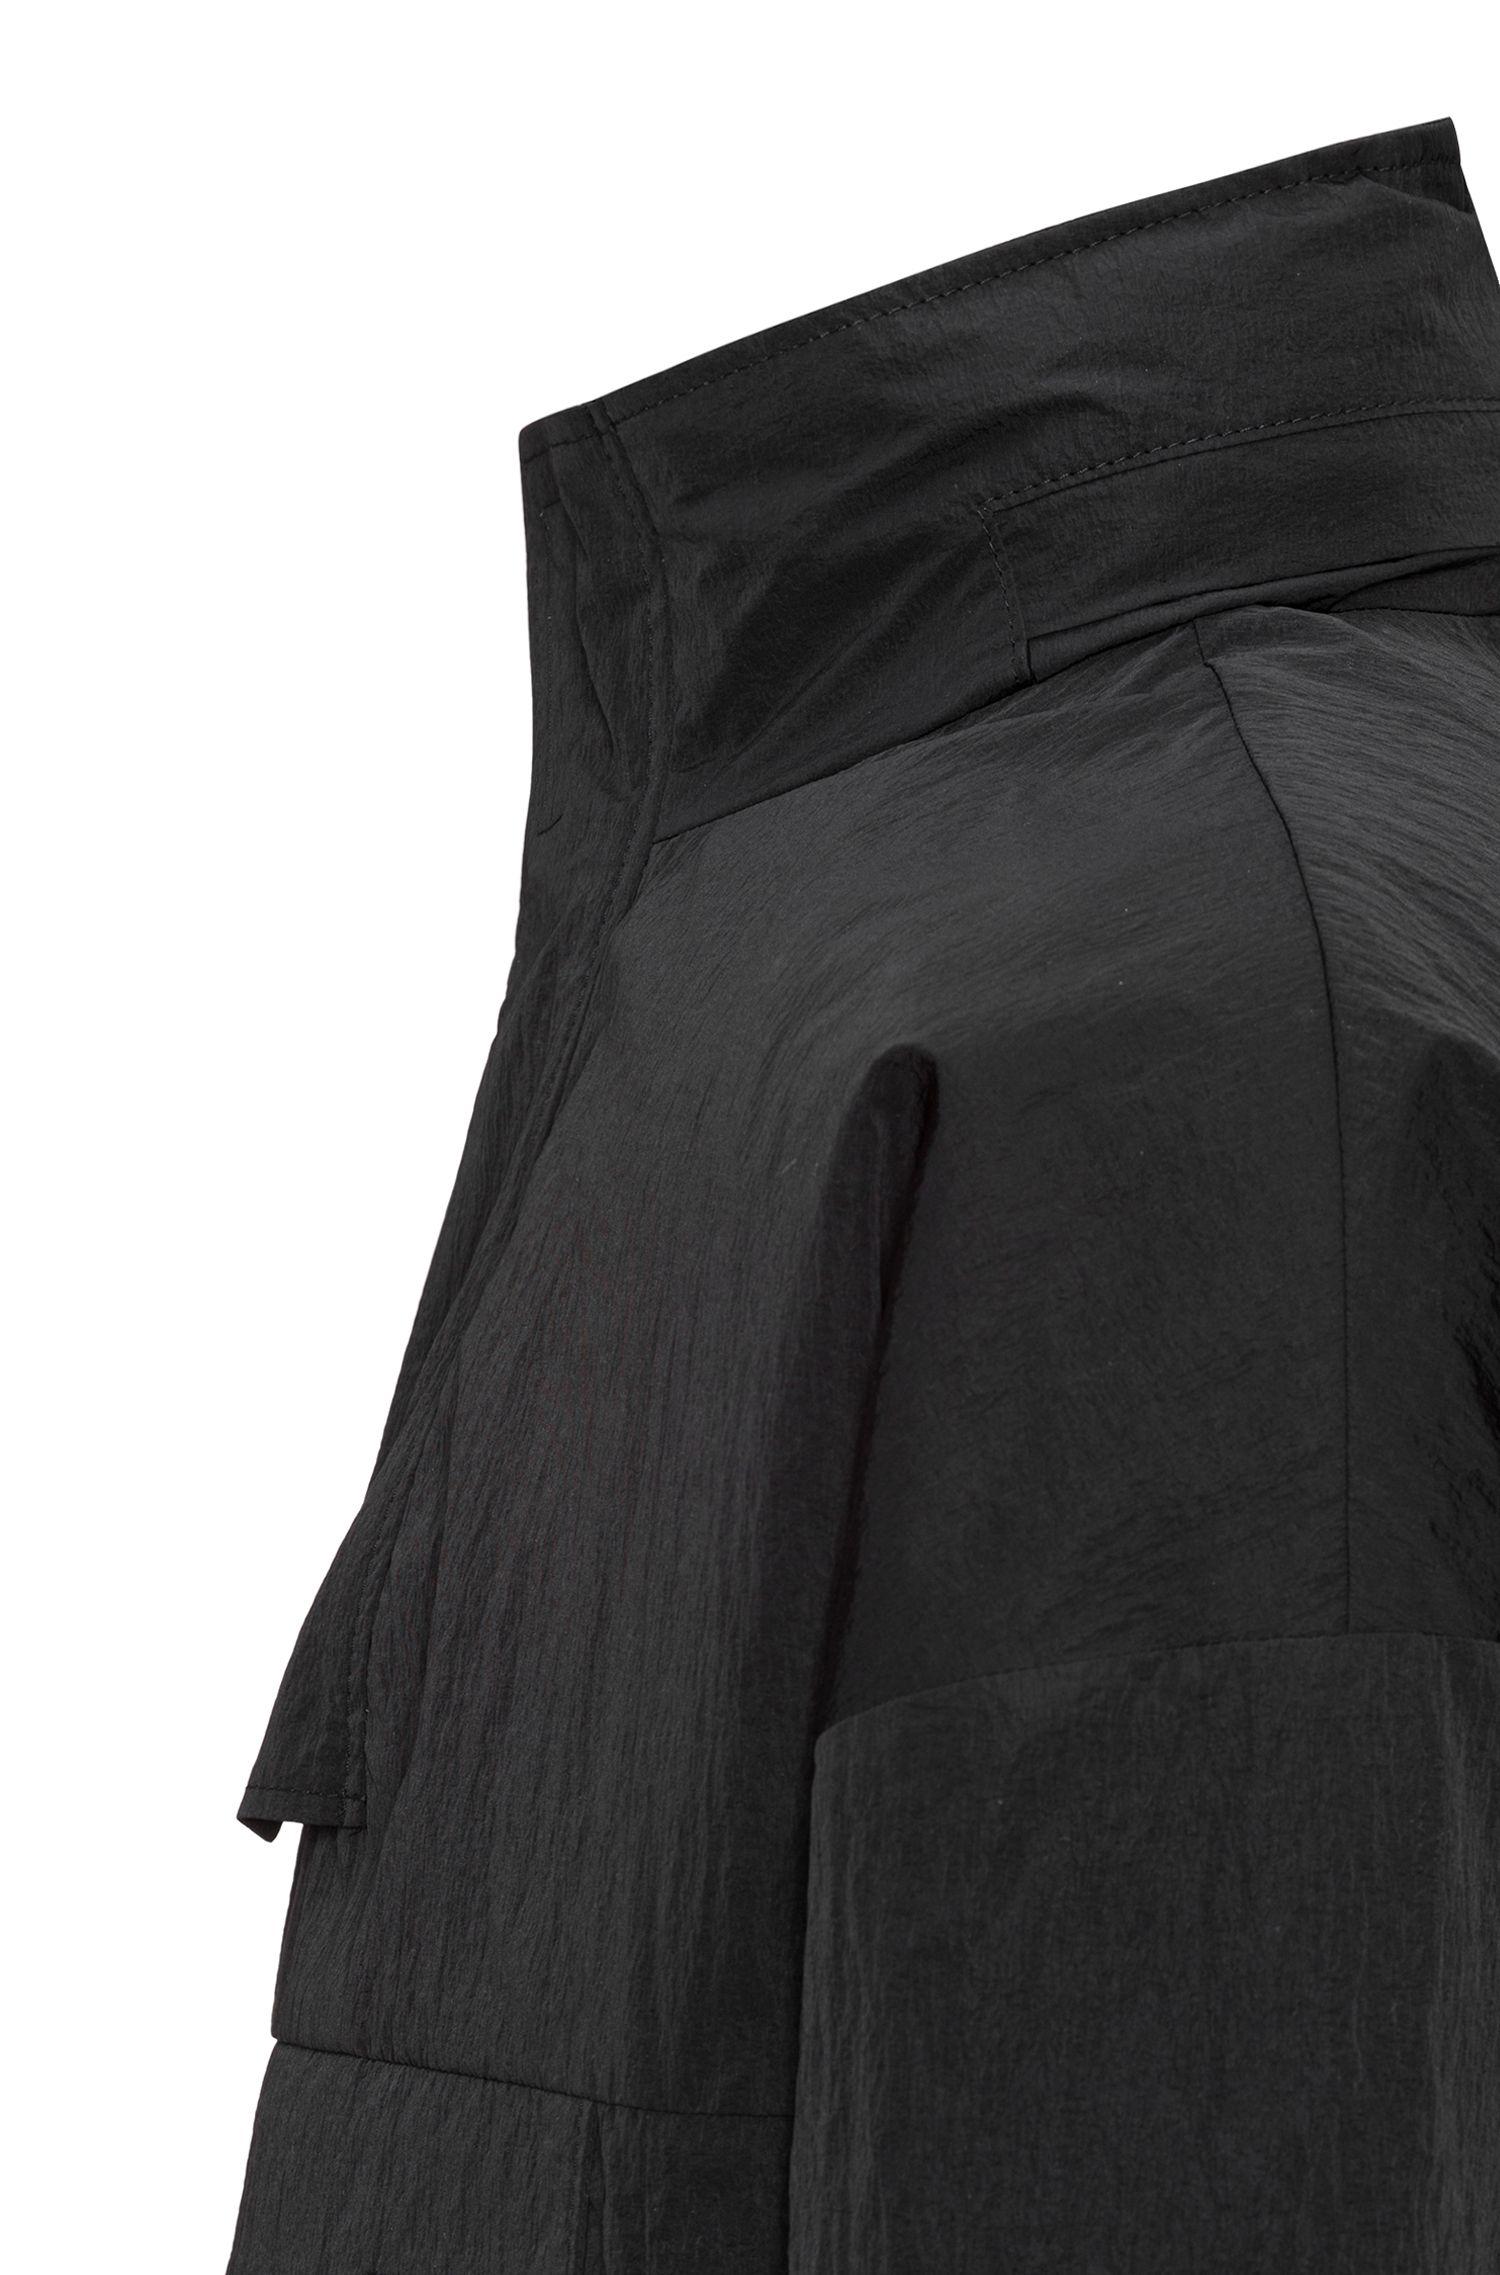 Veste coupe-vent en tissu technique imperméable